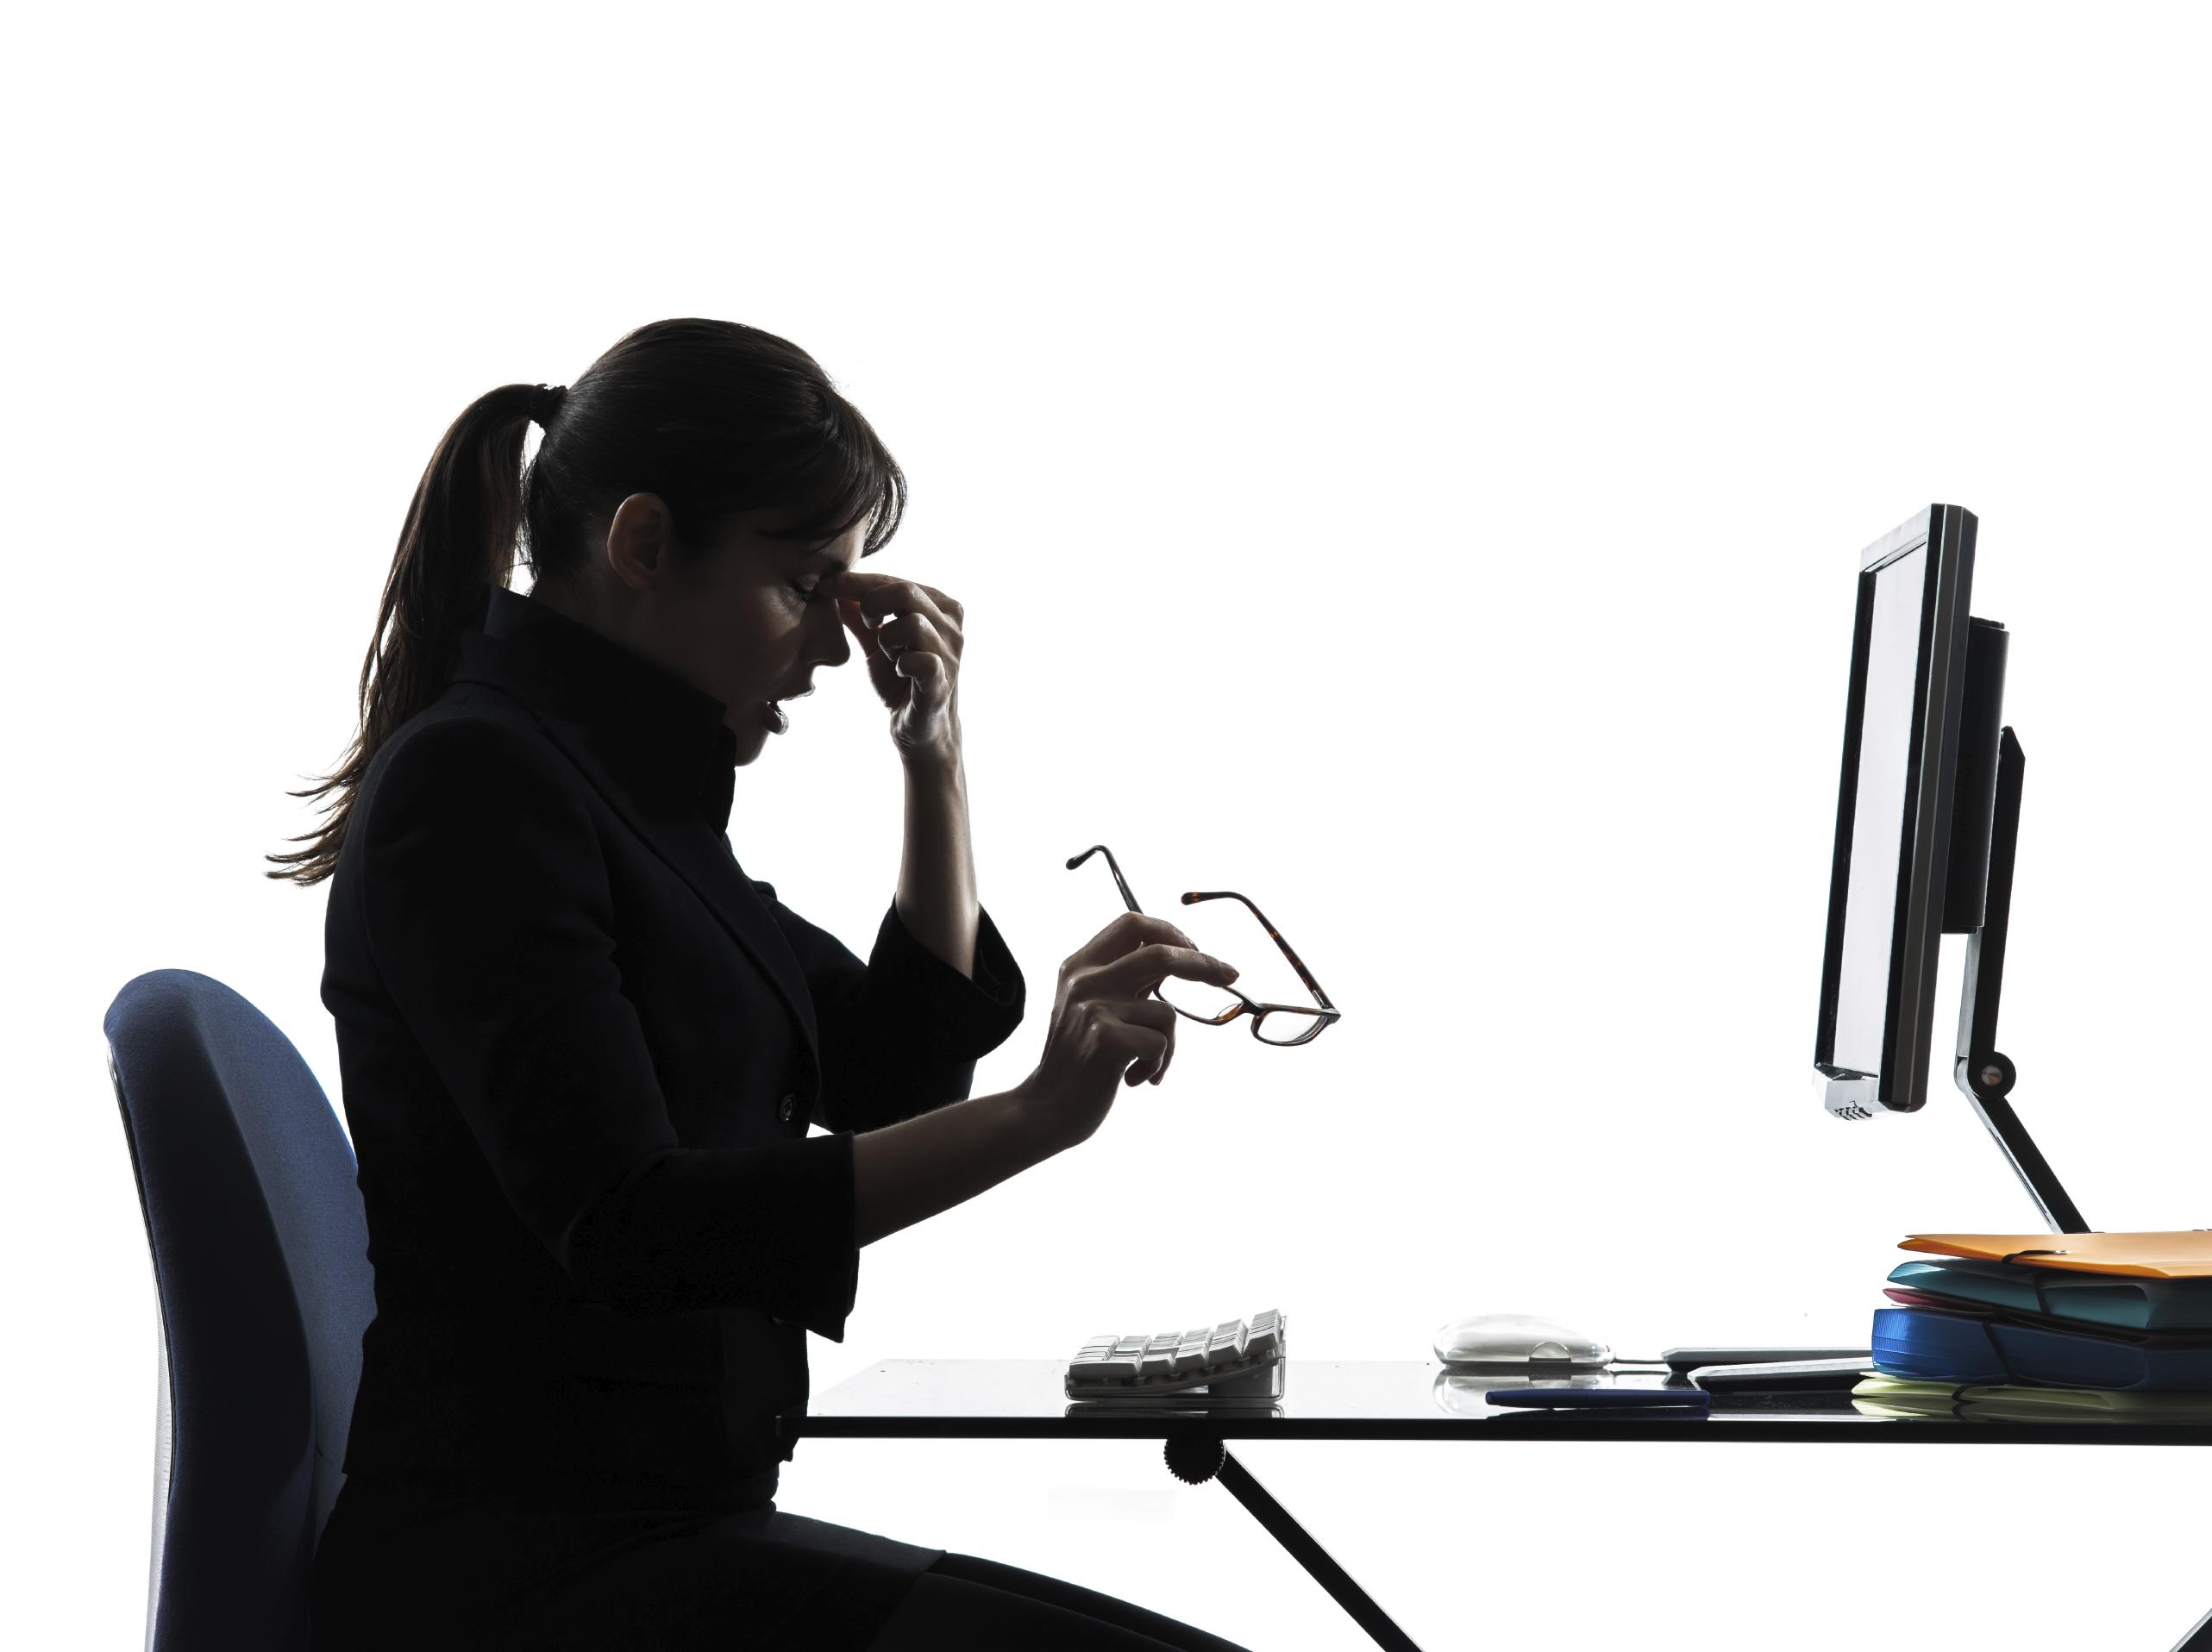 Conoce los principales riesgos ergon micos en el trabajo for Recomendaciones ergonomicas para trabajo en oficina